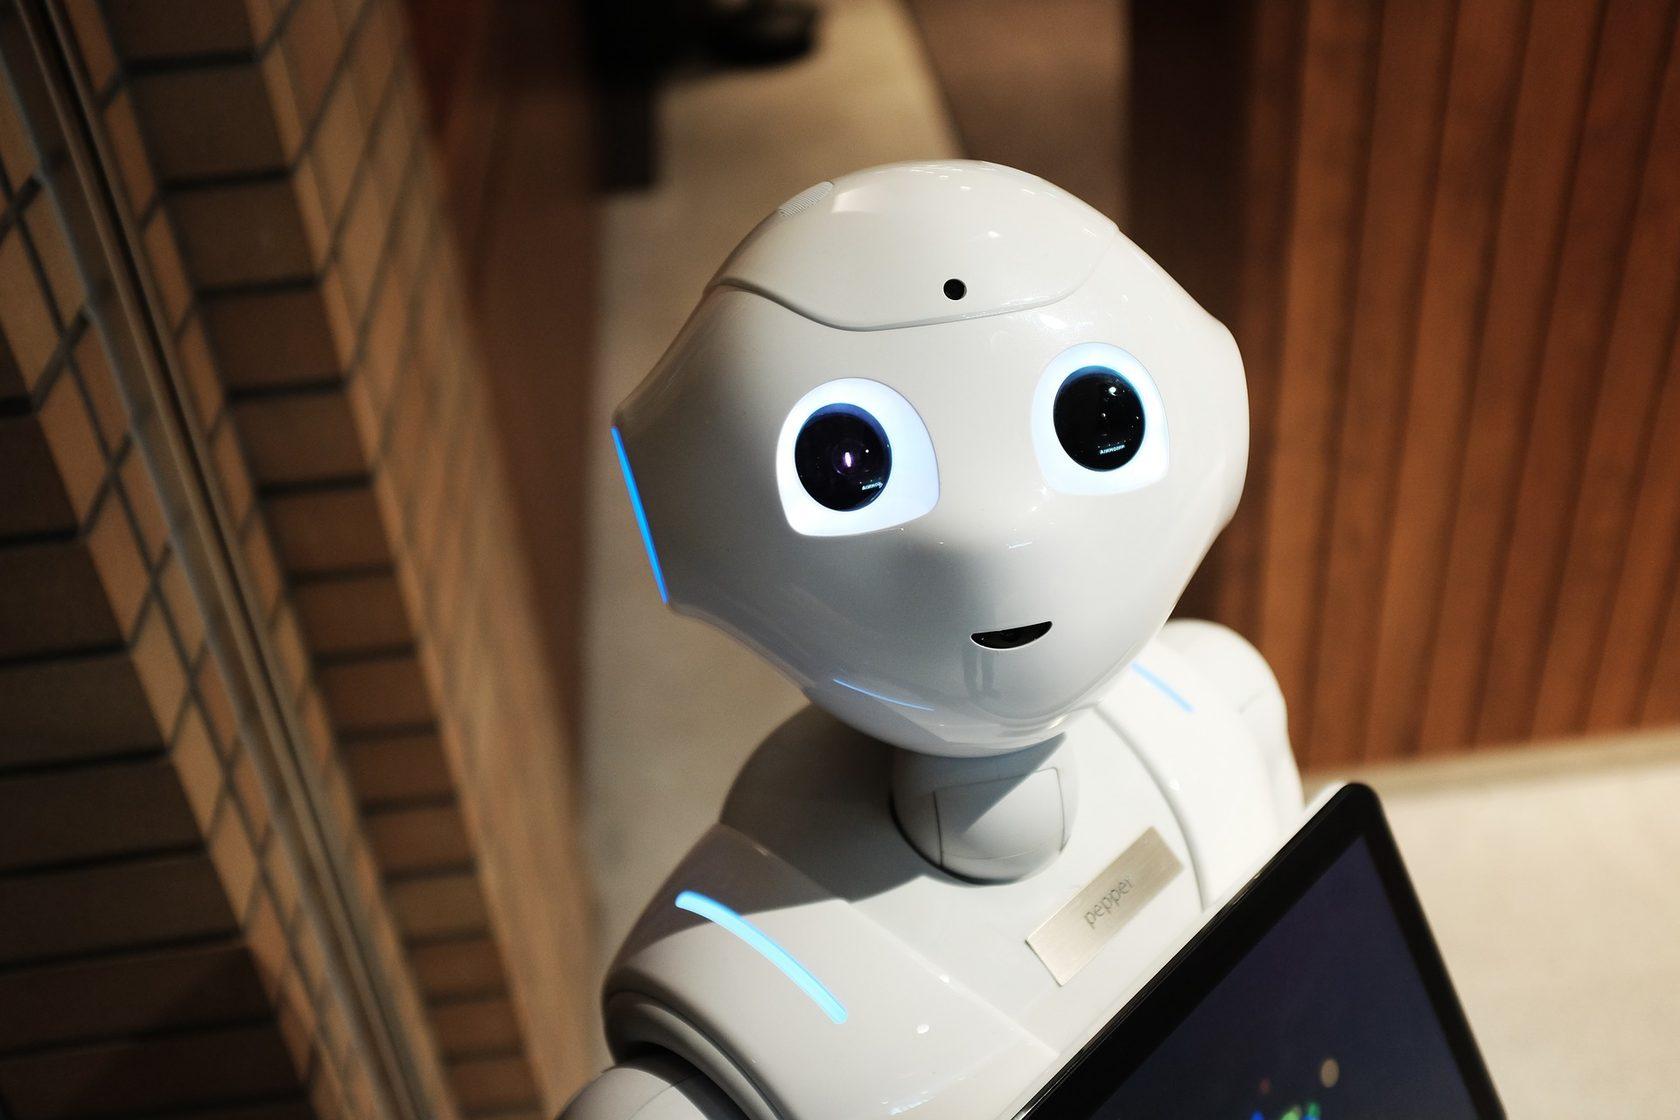 человекоподобные роботы, современные роботы, роботы сейчас, какие роботы будут